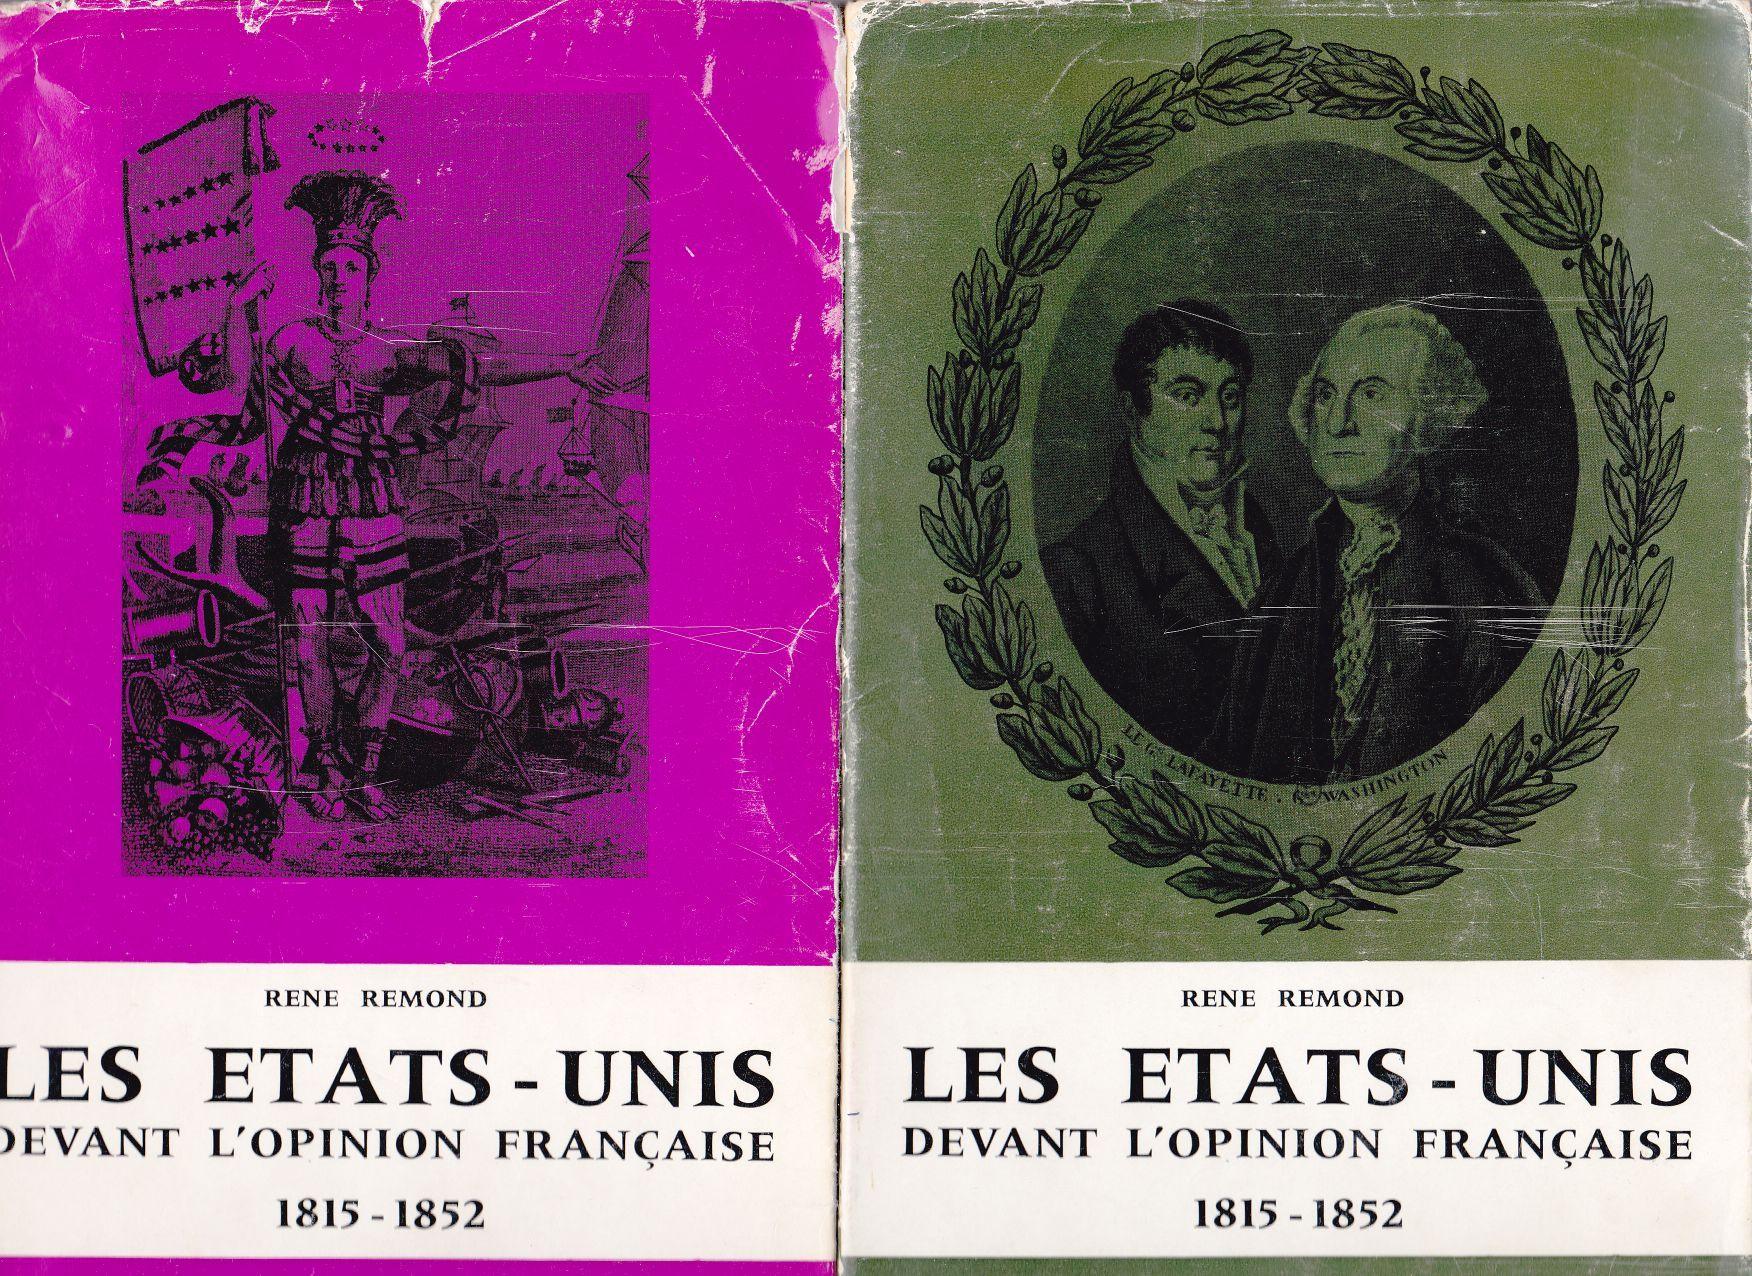 les tats unis devant l 39 opinion fran aise 1815 1852 2. Black Bedroom Furniture Sets. Home Design Ideas